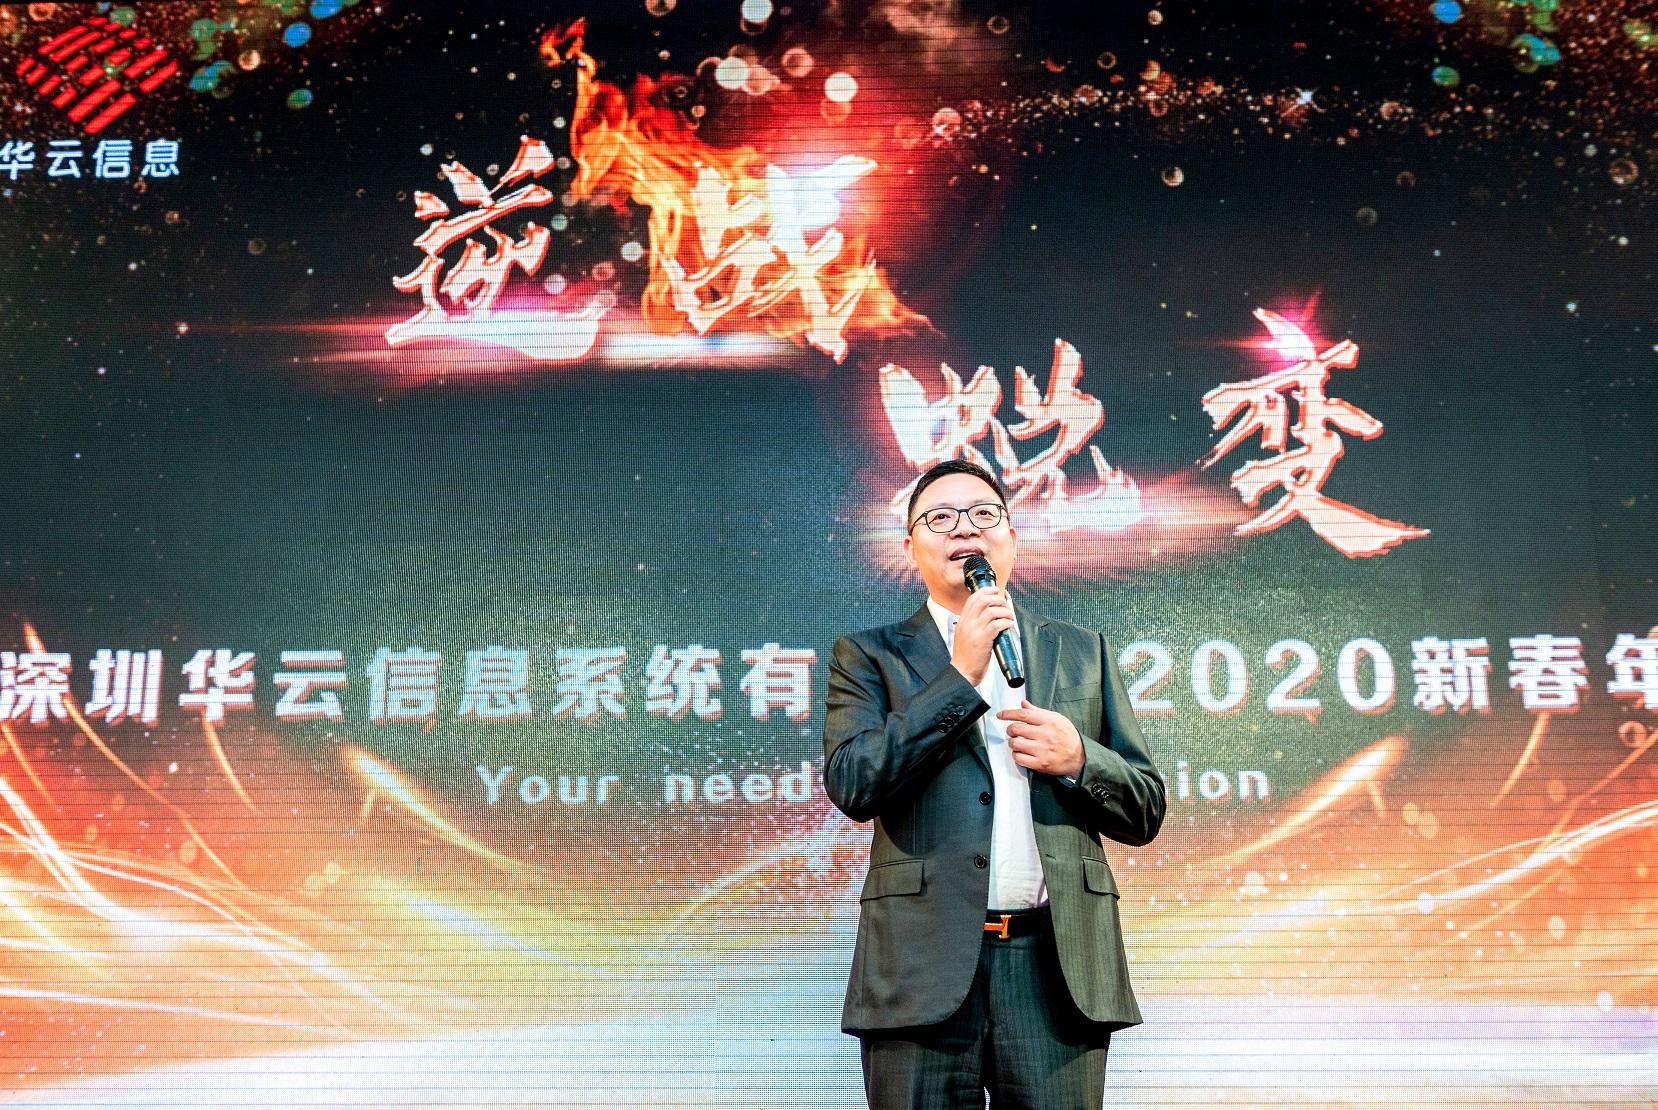 逆战、蜕变 ——华云信息2020年新春年会